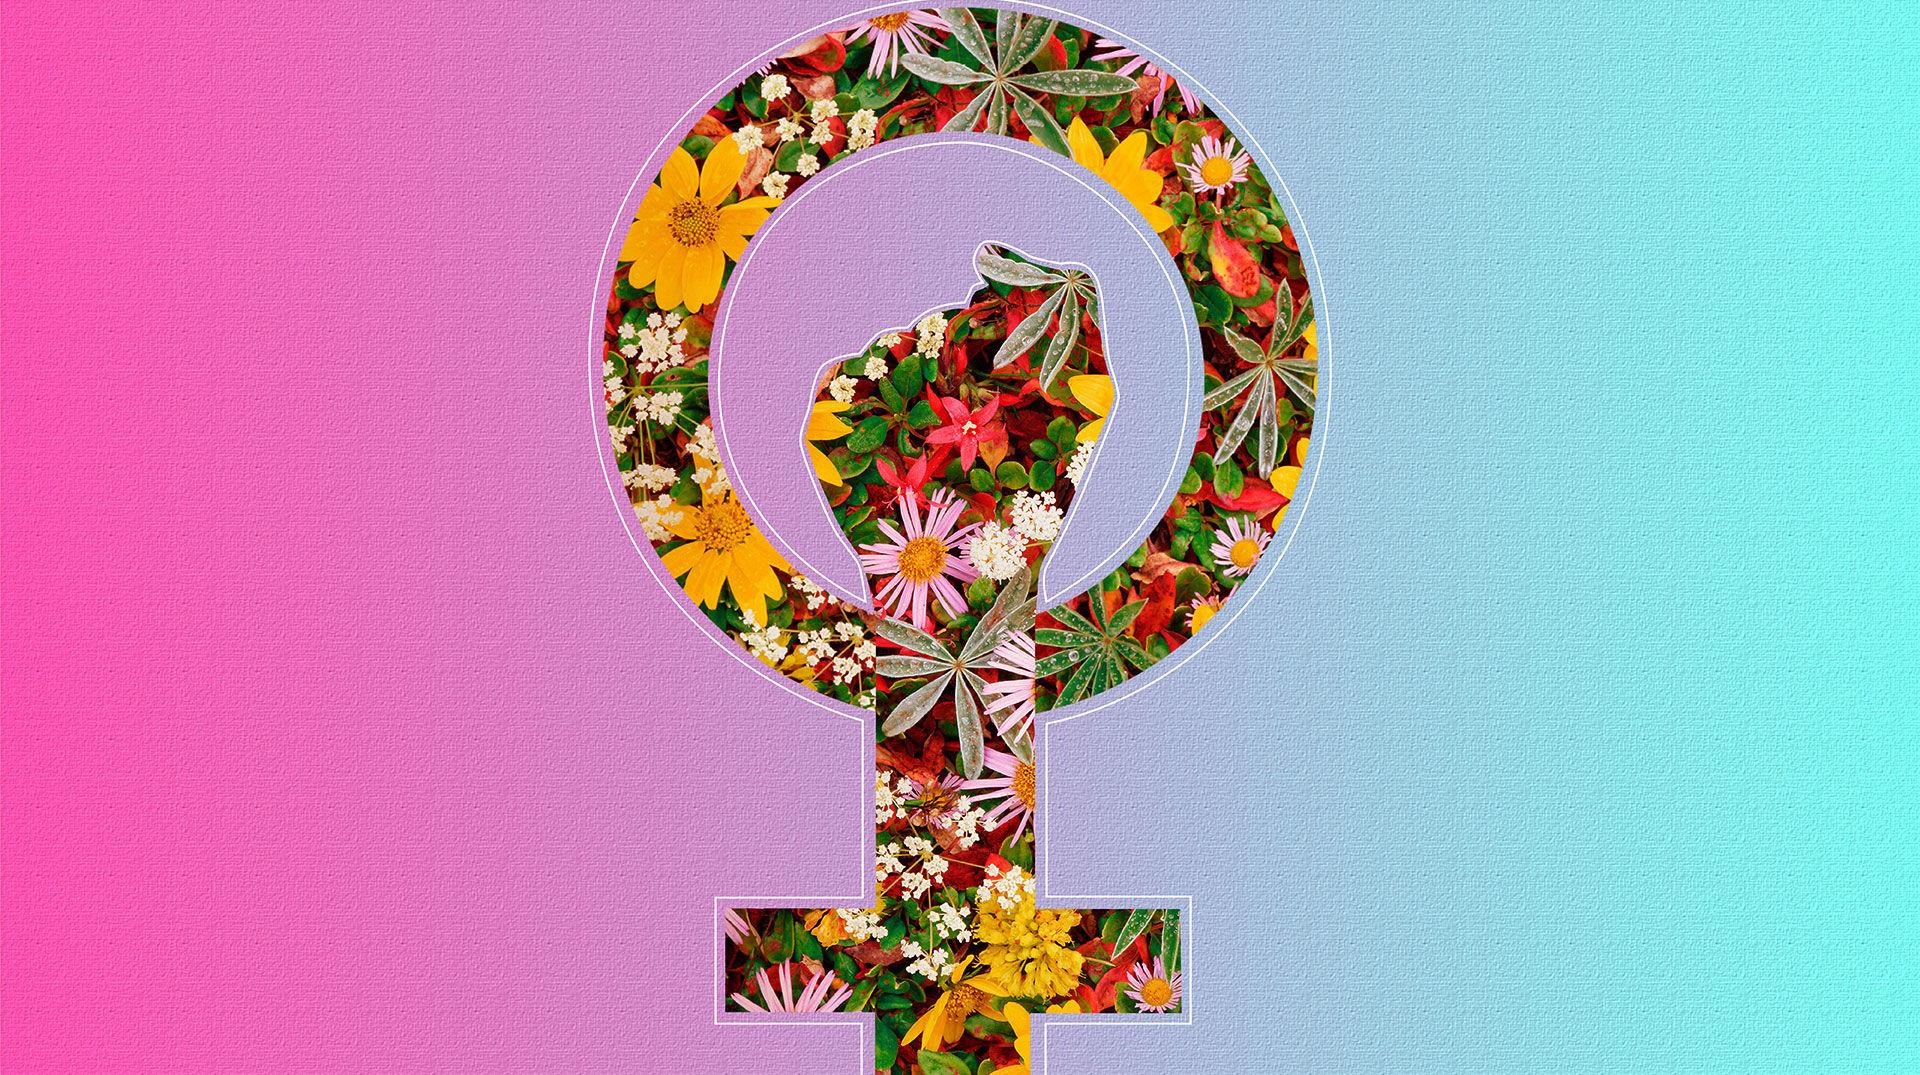 Ομάδα γκέι σεξ ταινίες